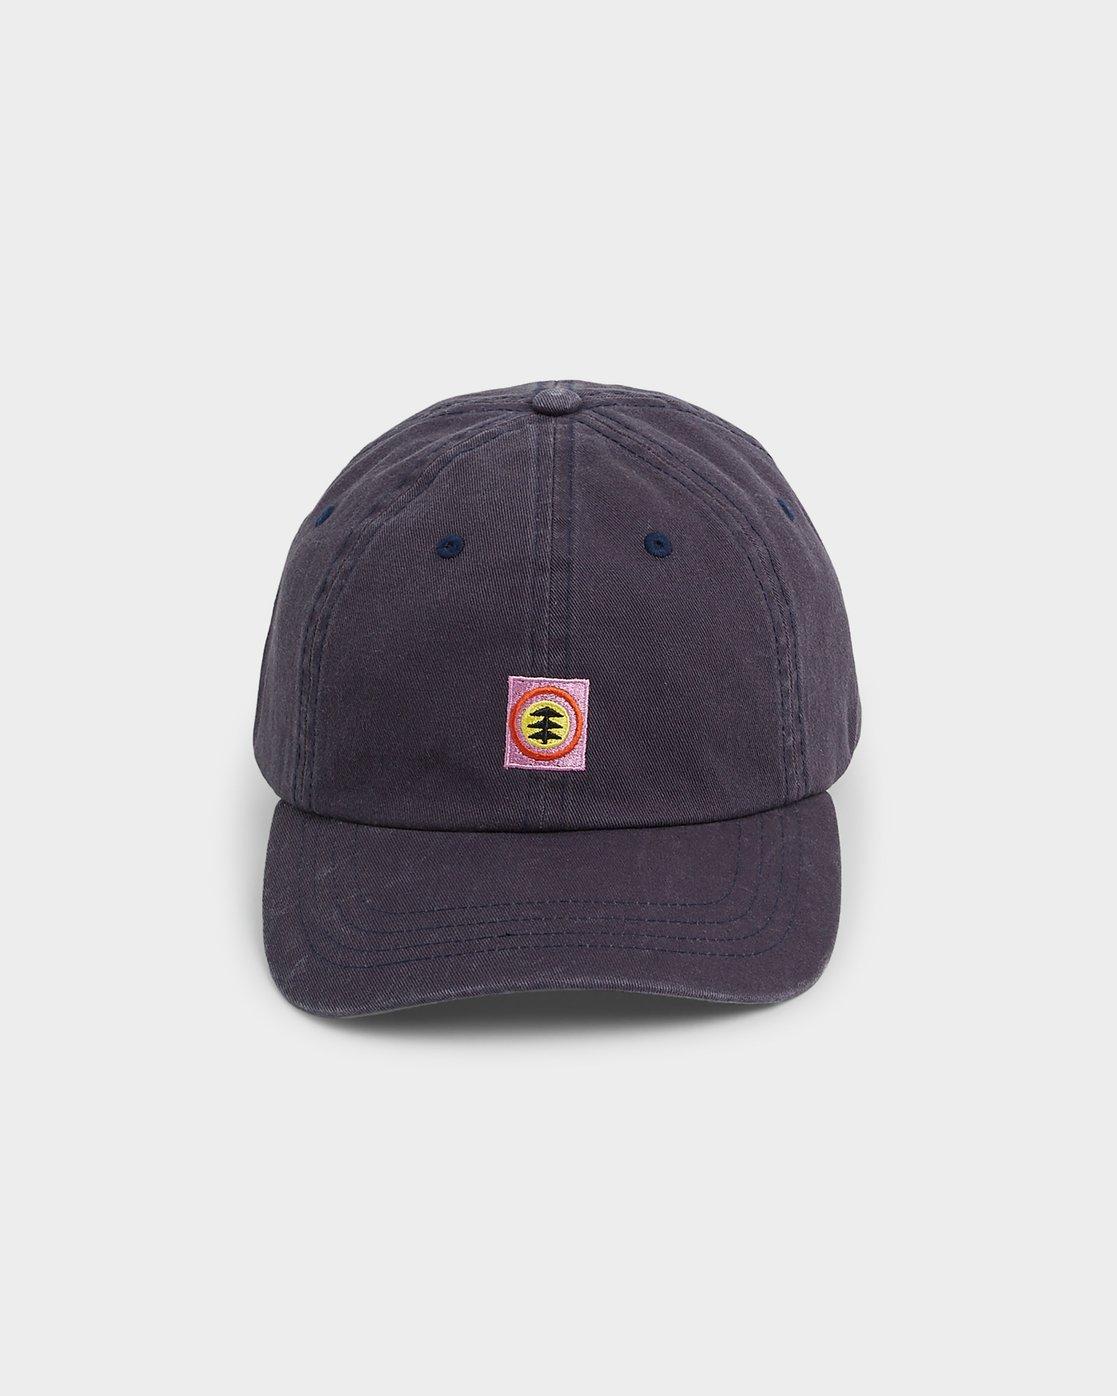 0 BARREN CURVED CAP  194601 Element